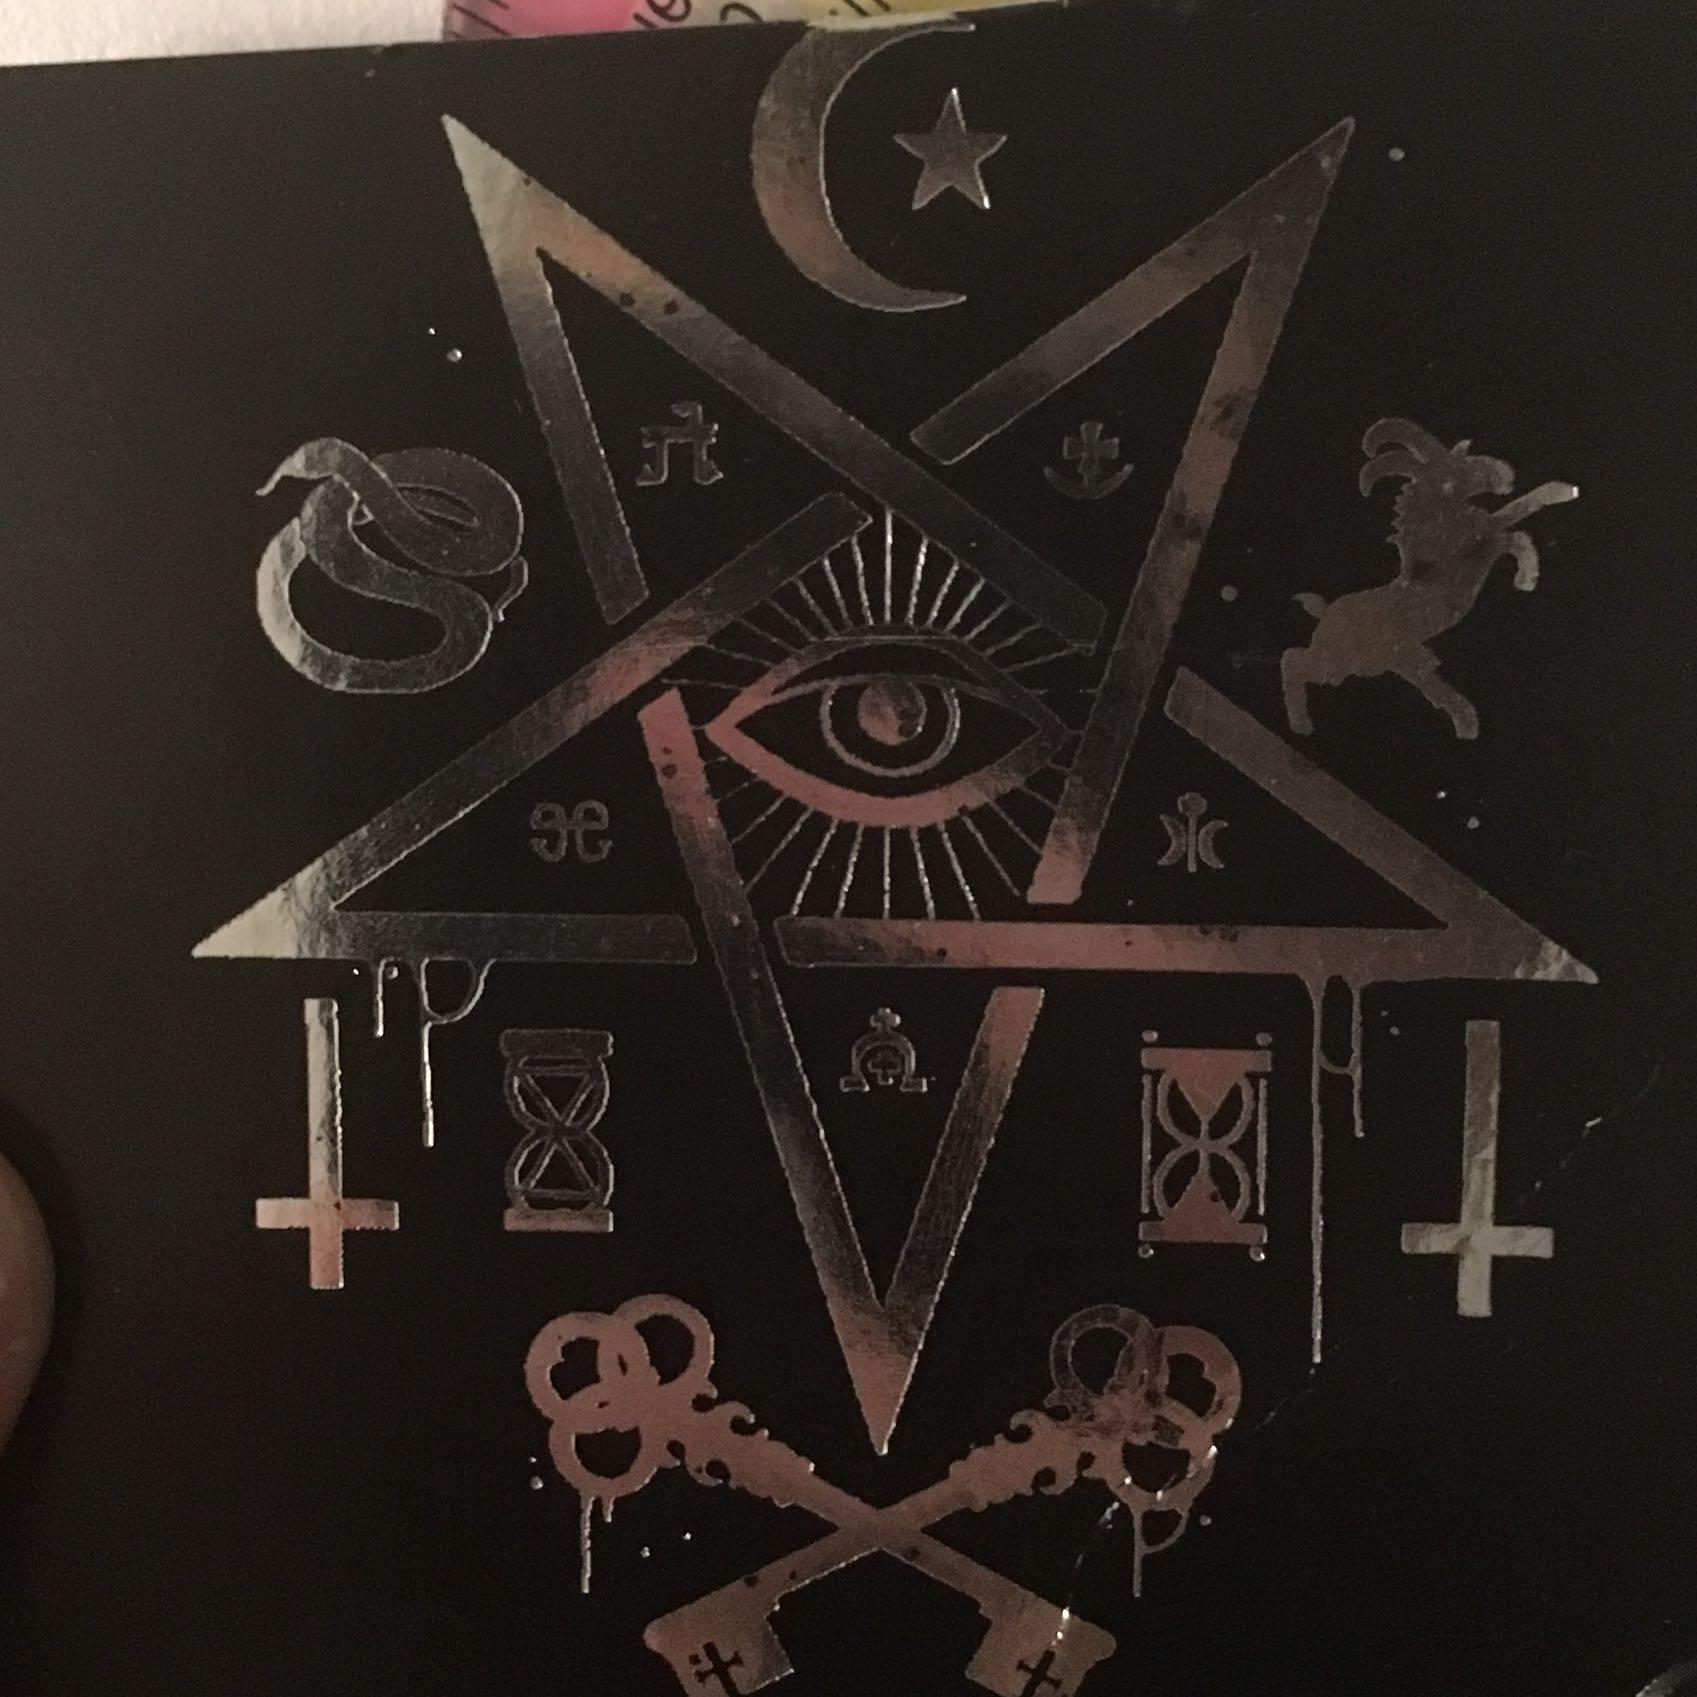 symbole im pentagram bedeutung religion symbol gothic. Black Bedroom Furniture Sets. Home Design Ideas